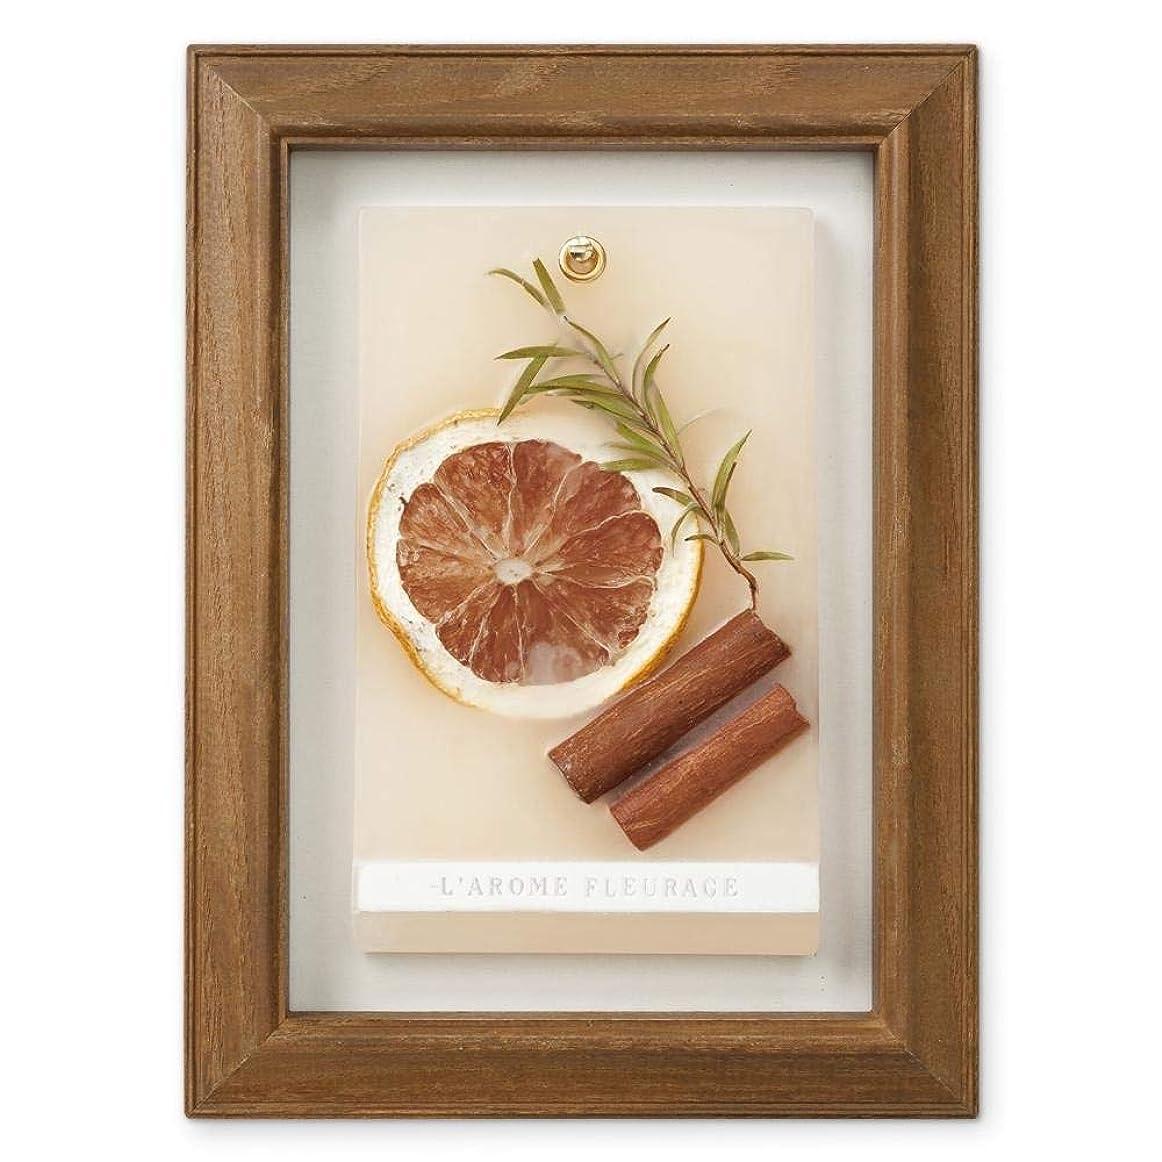 許容小学生倉庫FLEURAGE(フルラージュ) アロマワックスサシェ スイートオレンジの香り Orange×AntiqueBrown KH-61121